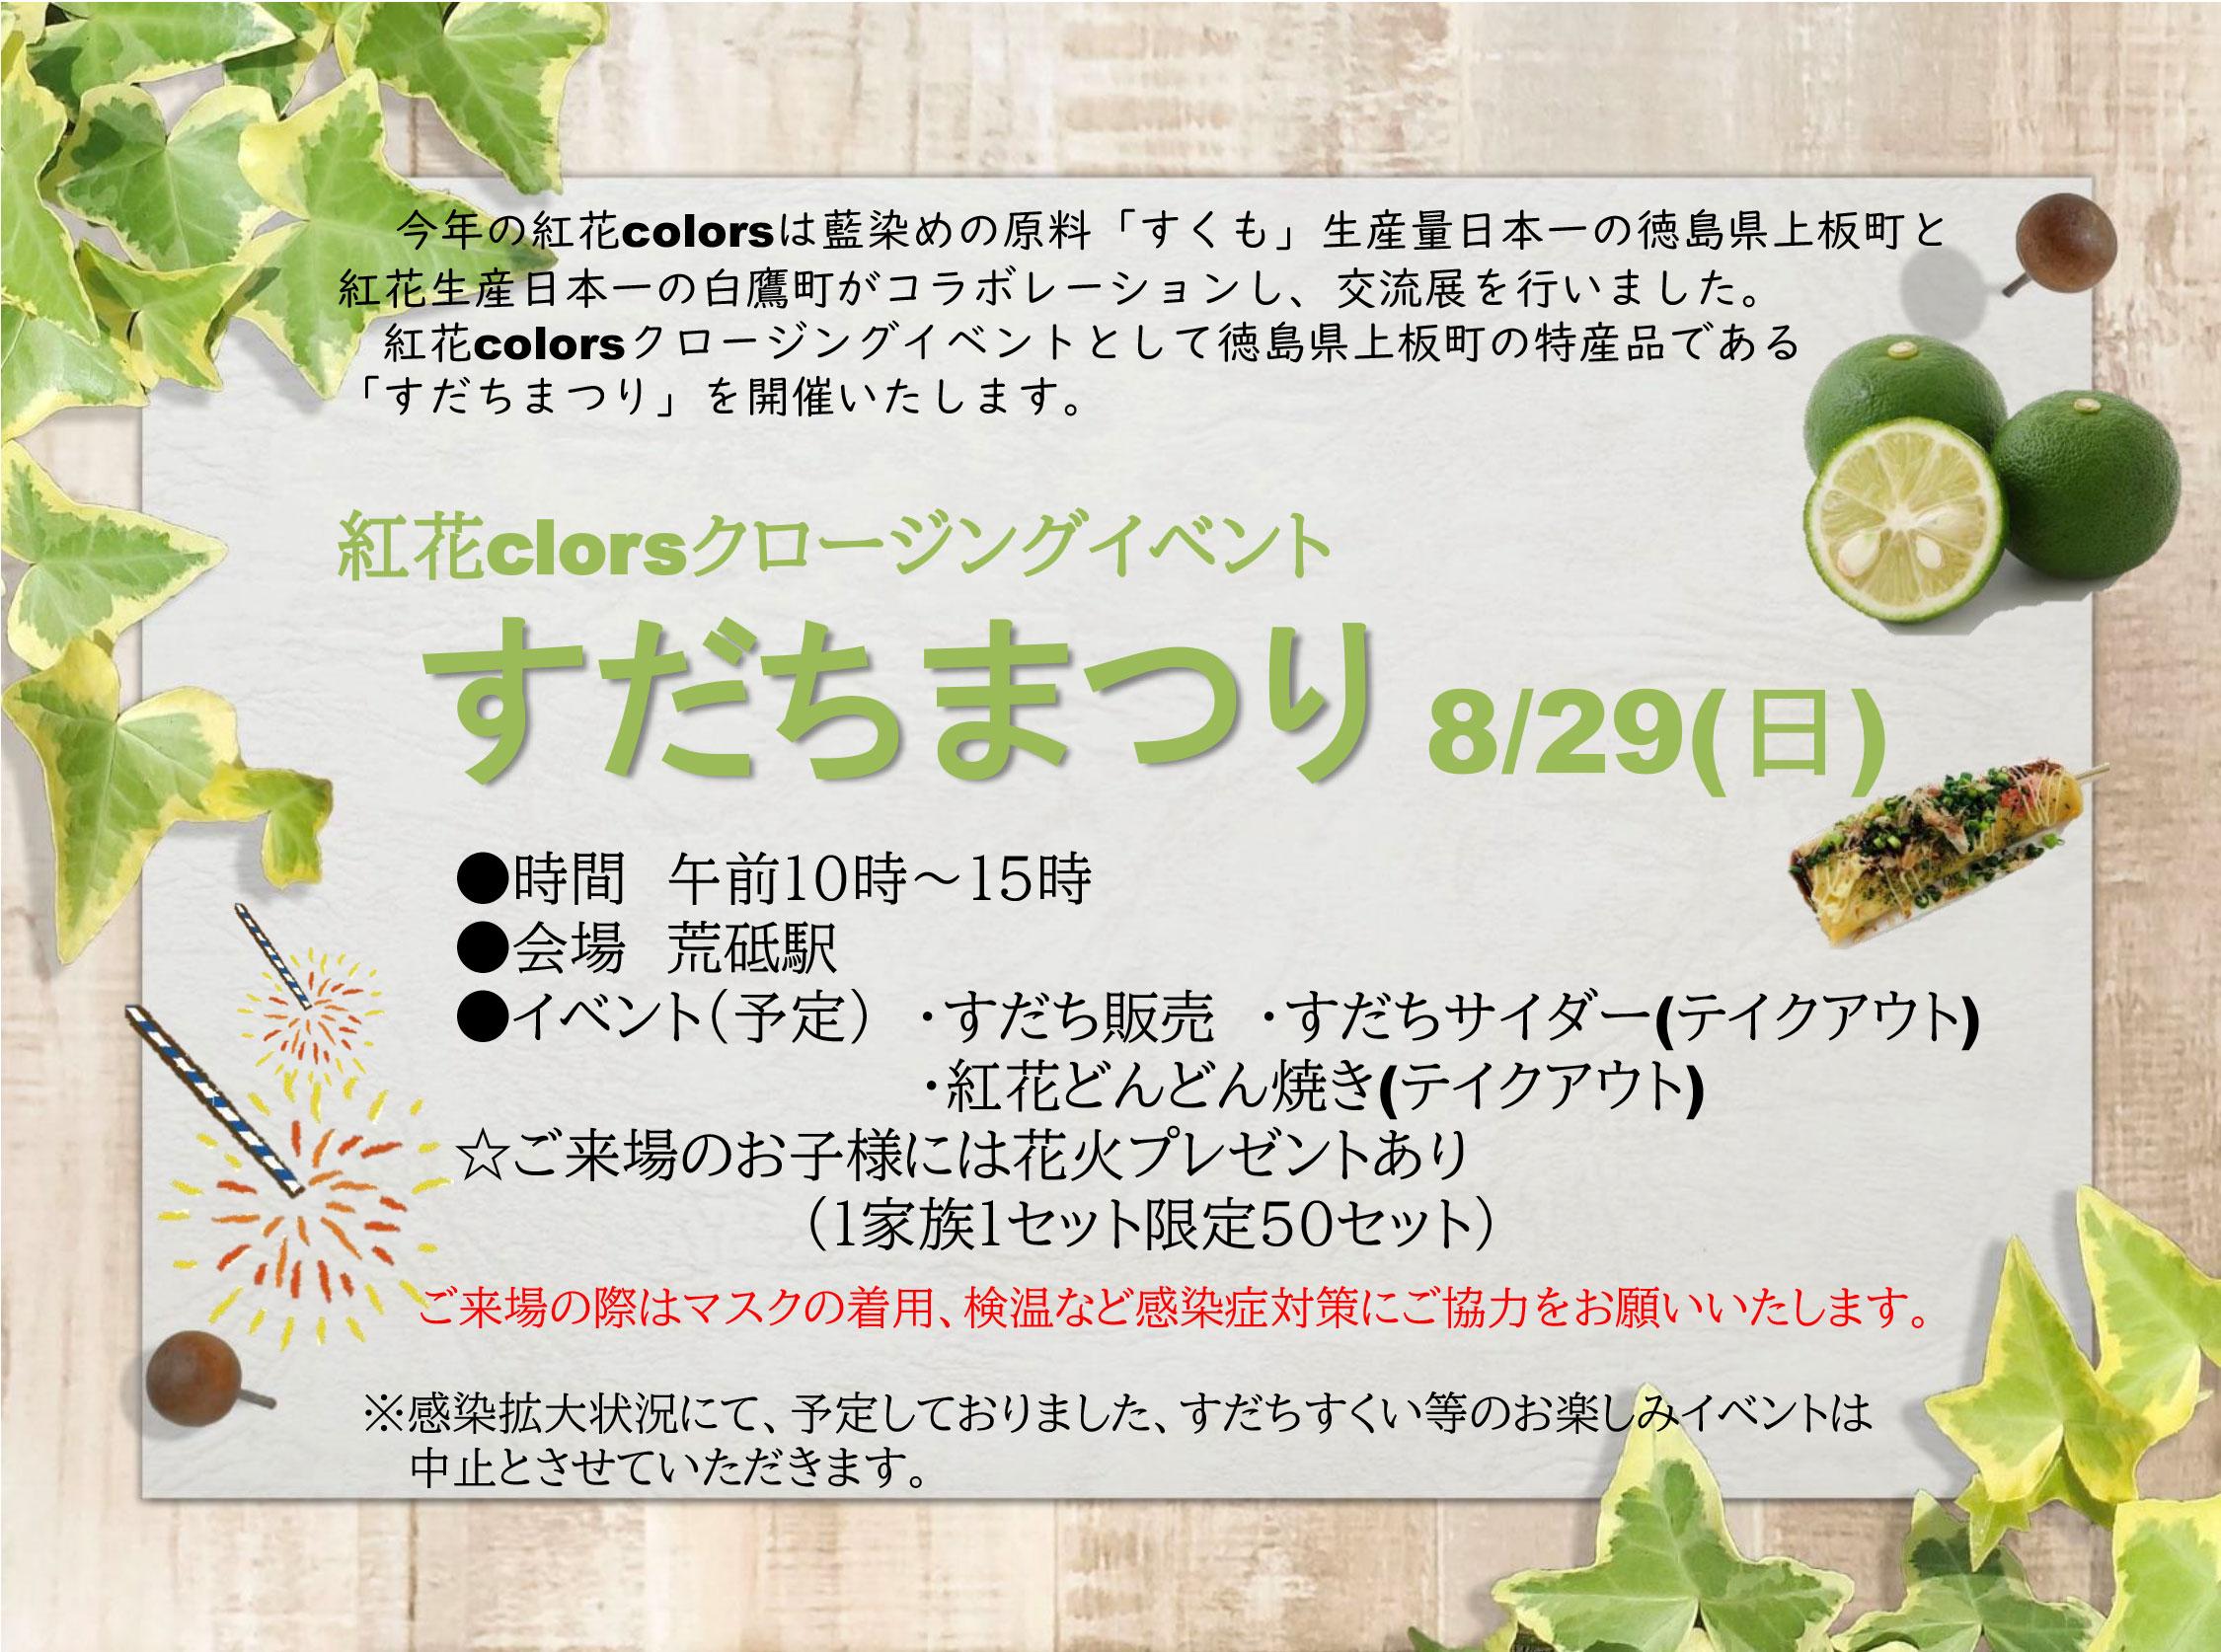 【すだちまつり】 紅花clorsクロージングイベント:画像